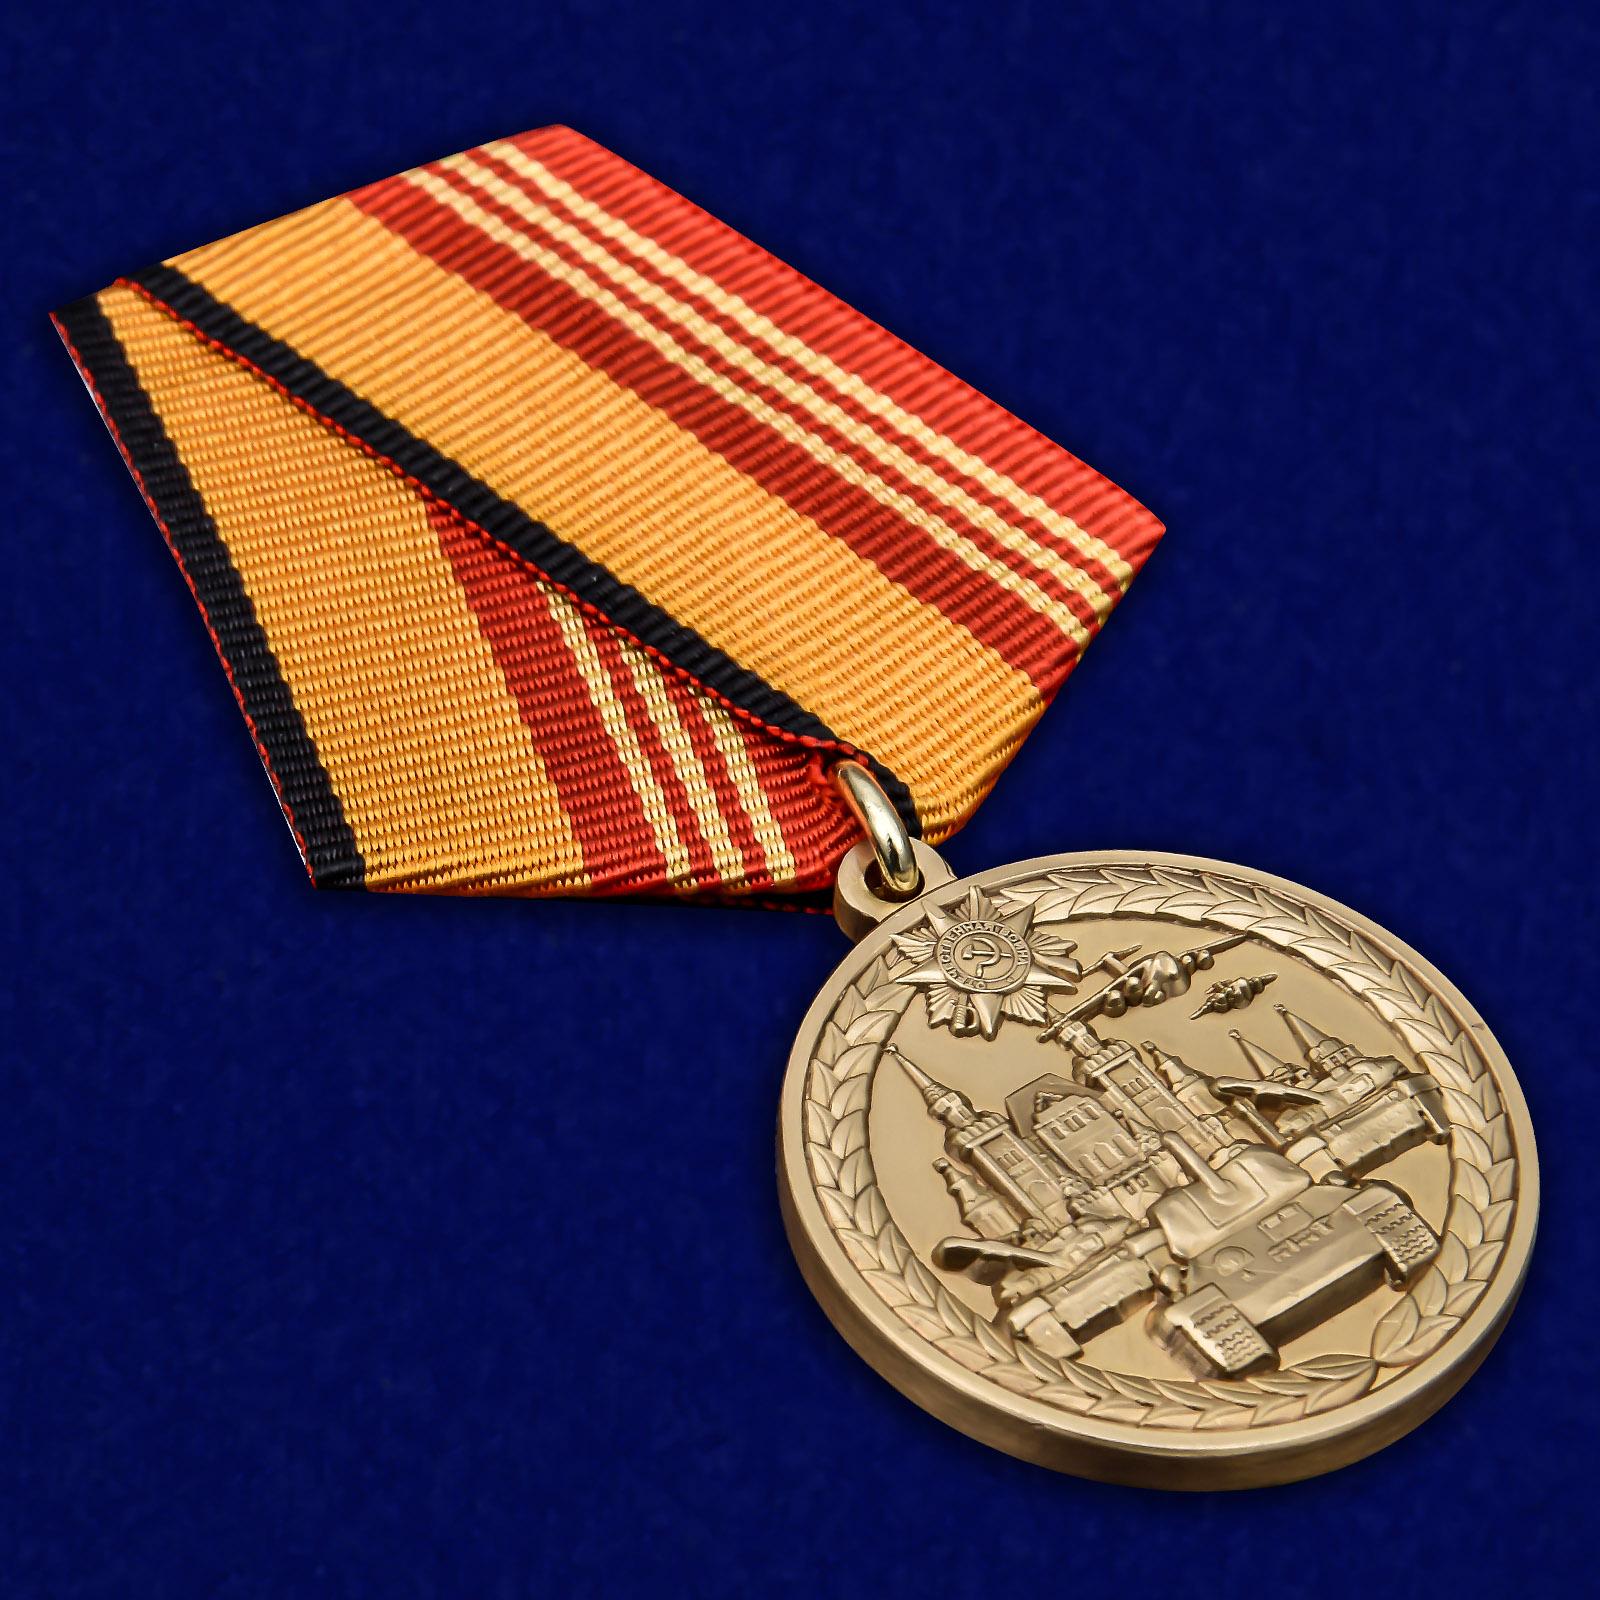 Памятная медаль За участие в военном параде в ознаменование 75-летия Победы в ВОВ - общий вид